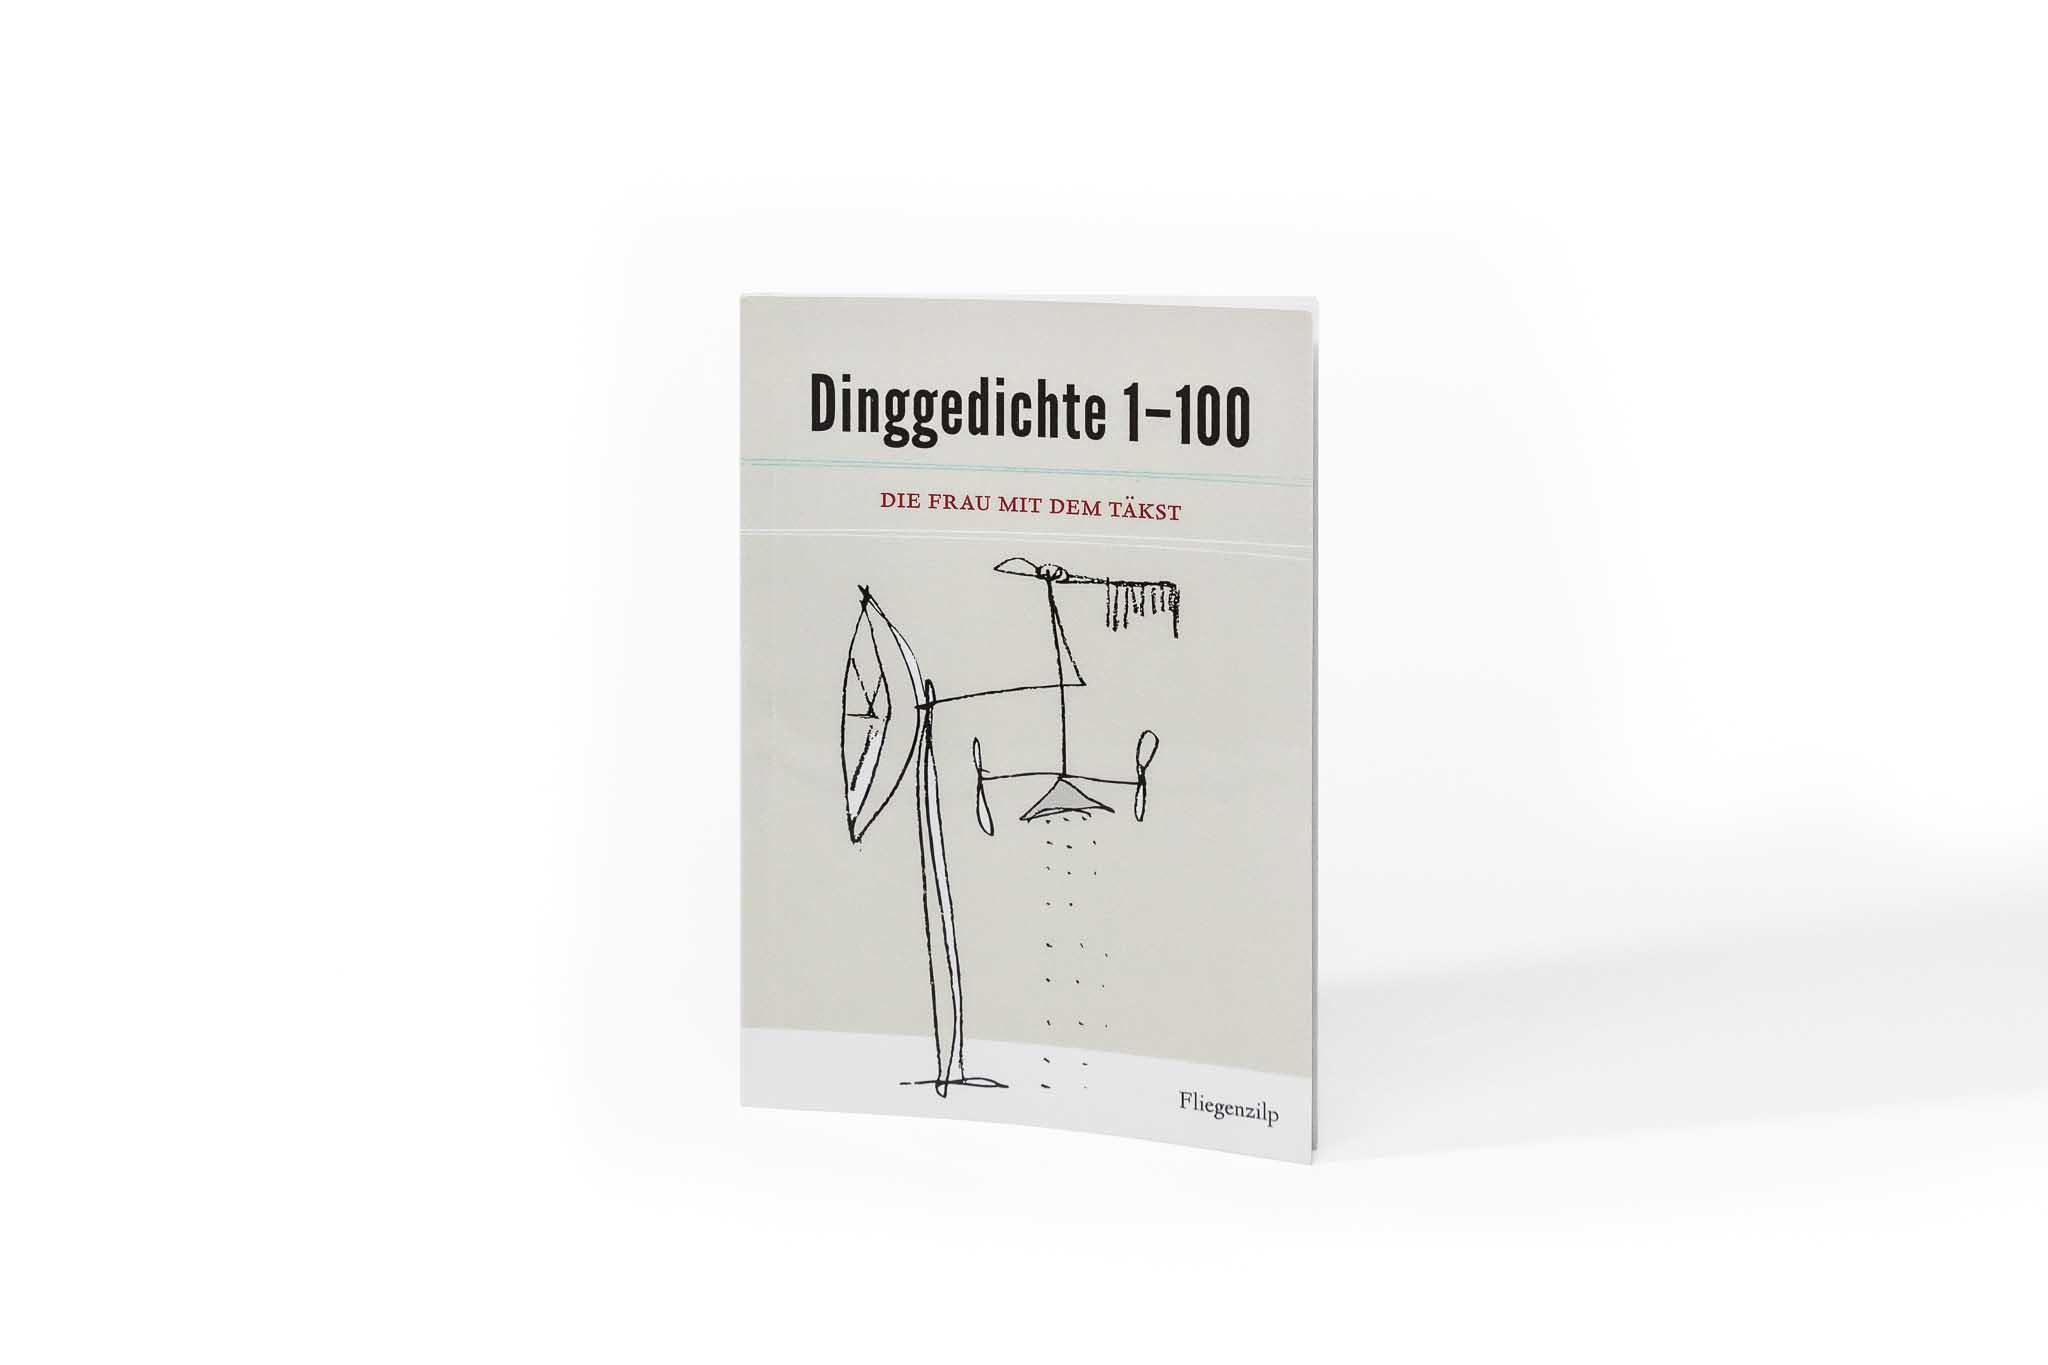 Das Buch Dinggedichte 1–100 von Verena Richter